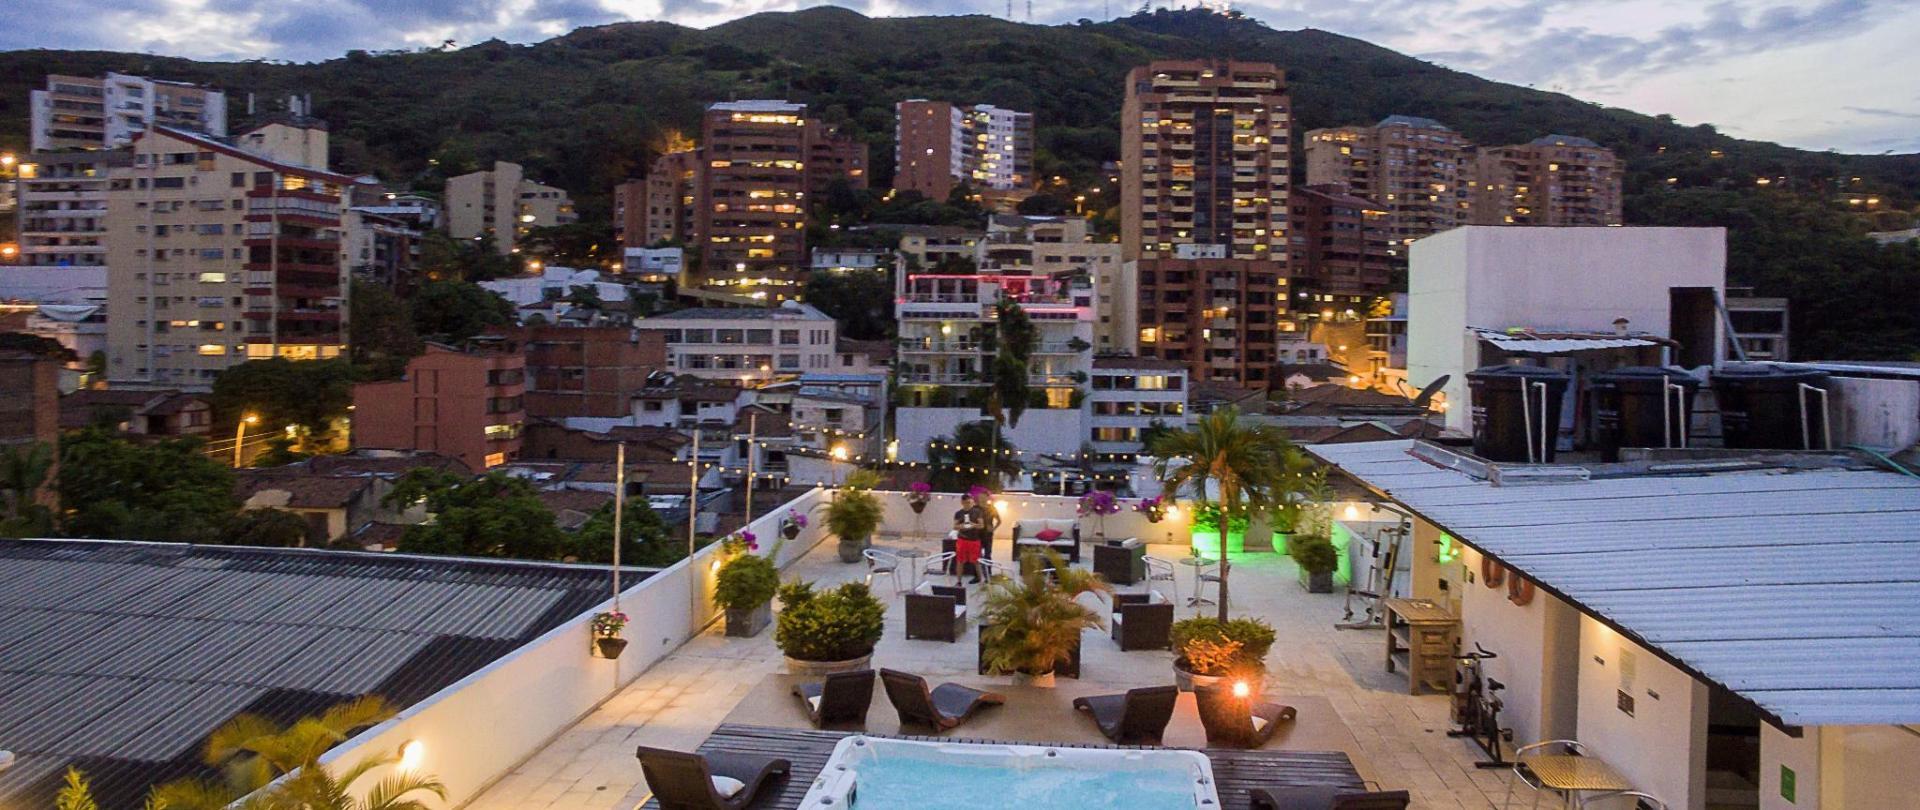 The Aqua Terrace - ClubSPa